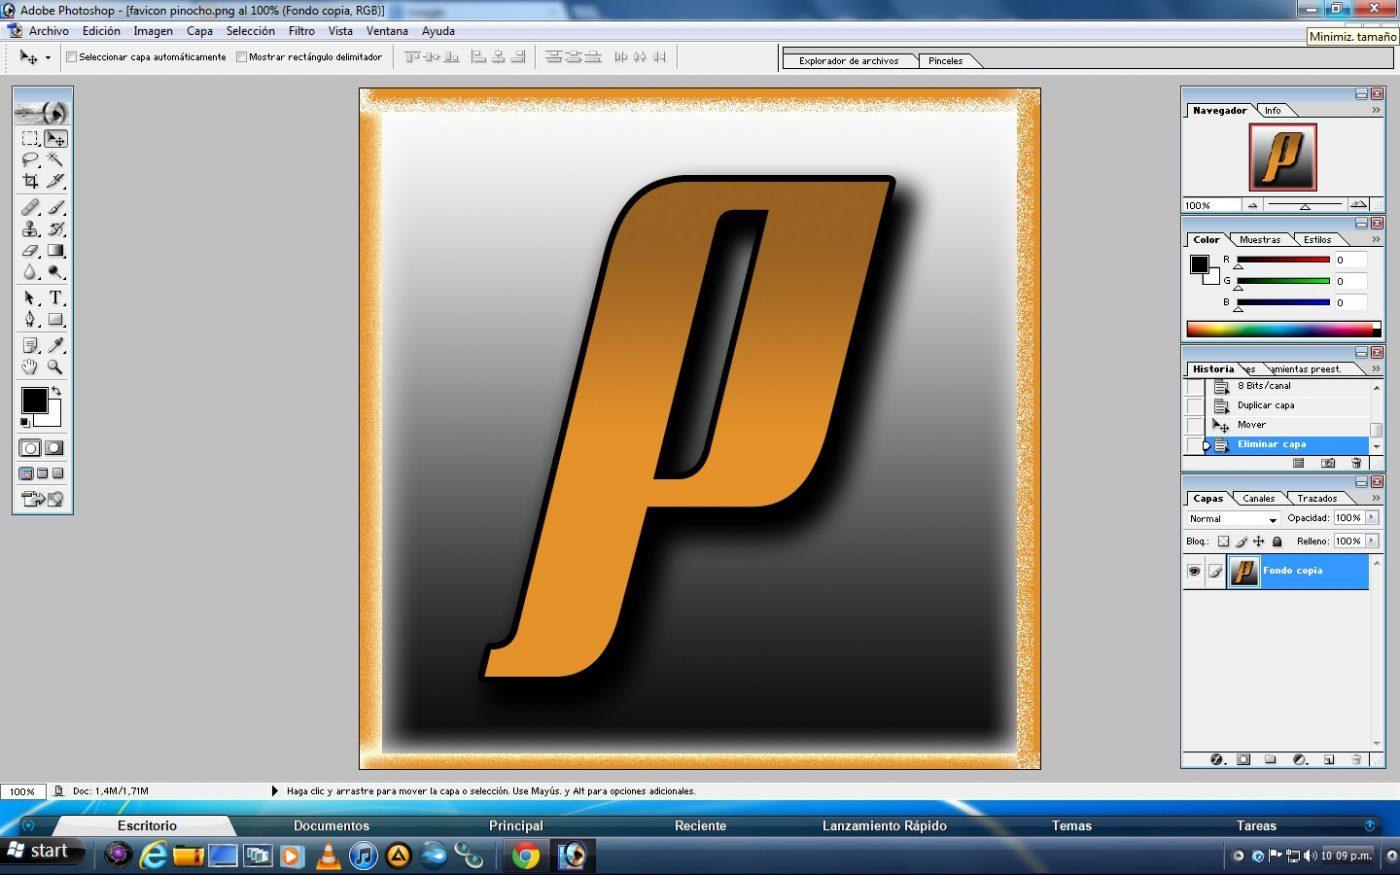 تحميل برنامج فوتوشوب 7 للكمبيوتر والموبايل Adobe Photoshop 7